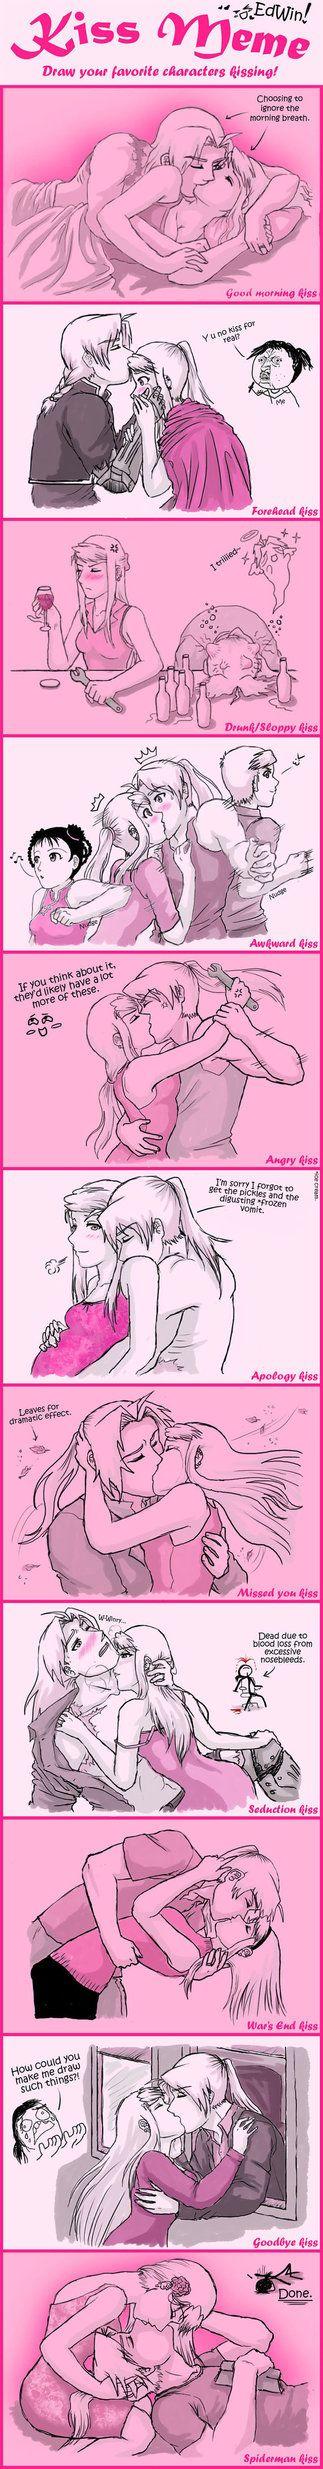 FMA- Kiss Meme by amburger91 on deviantART